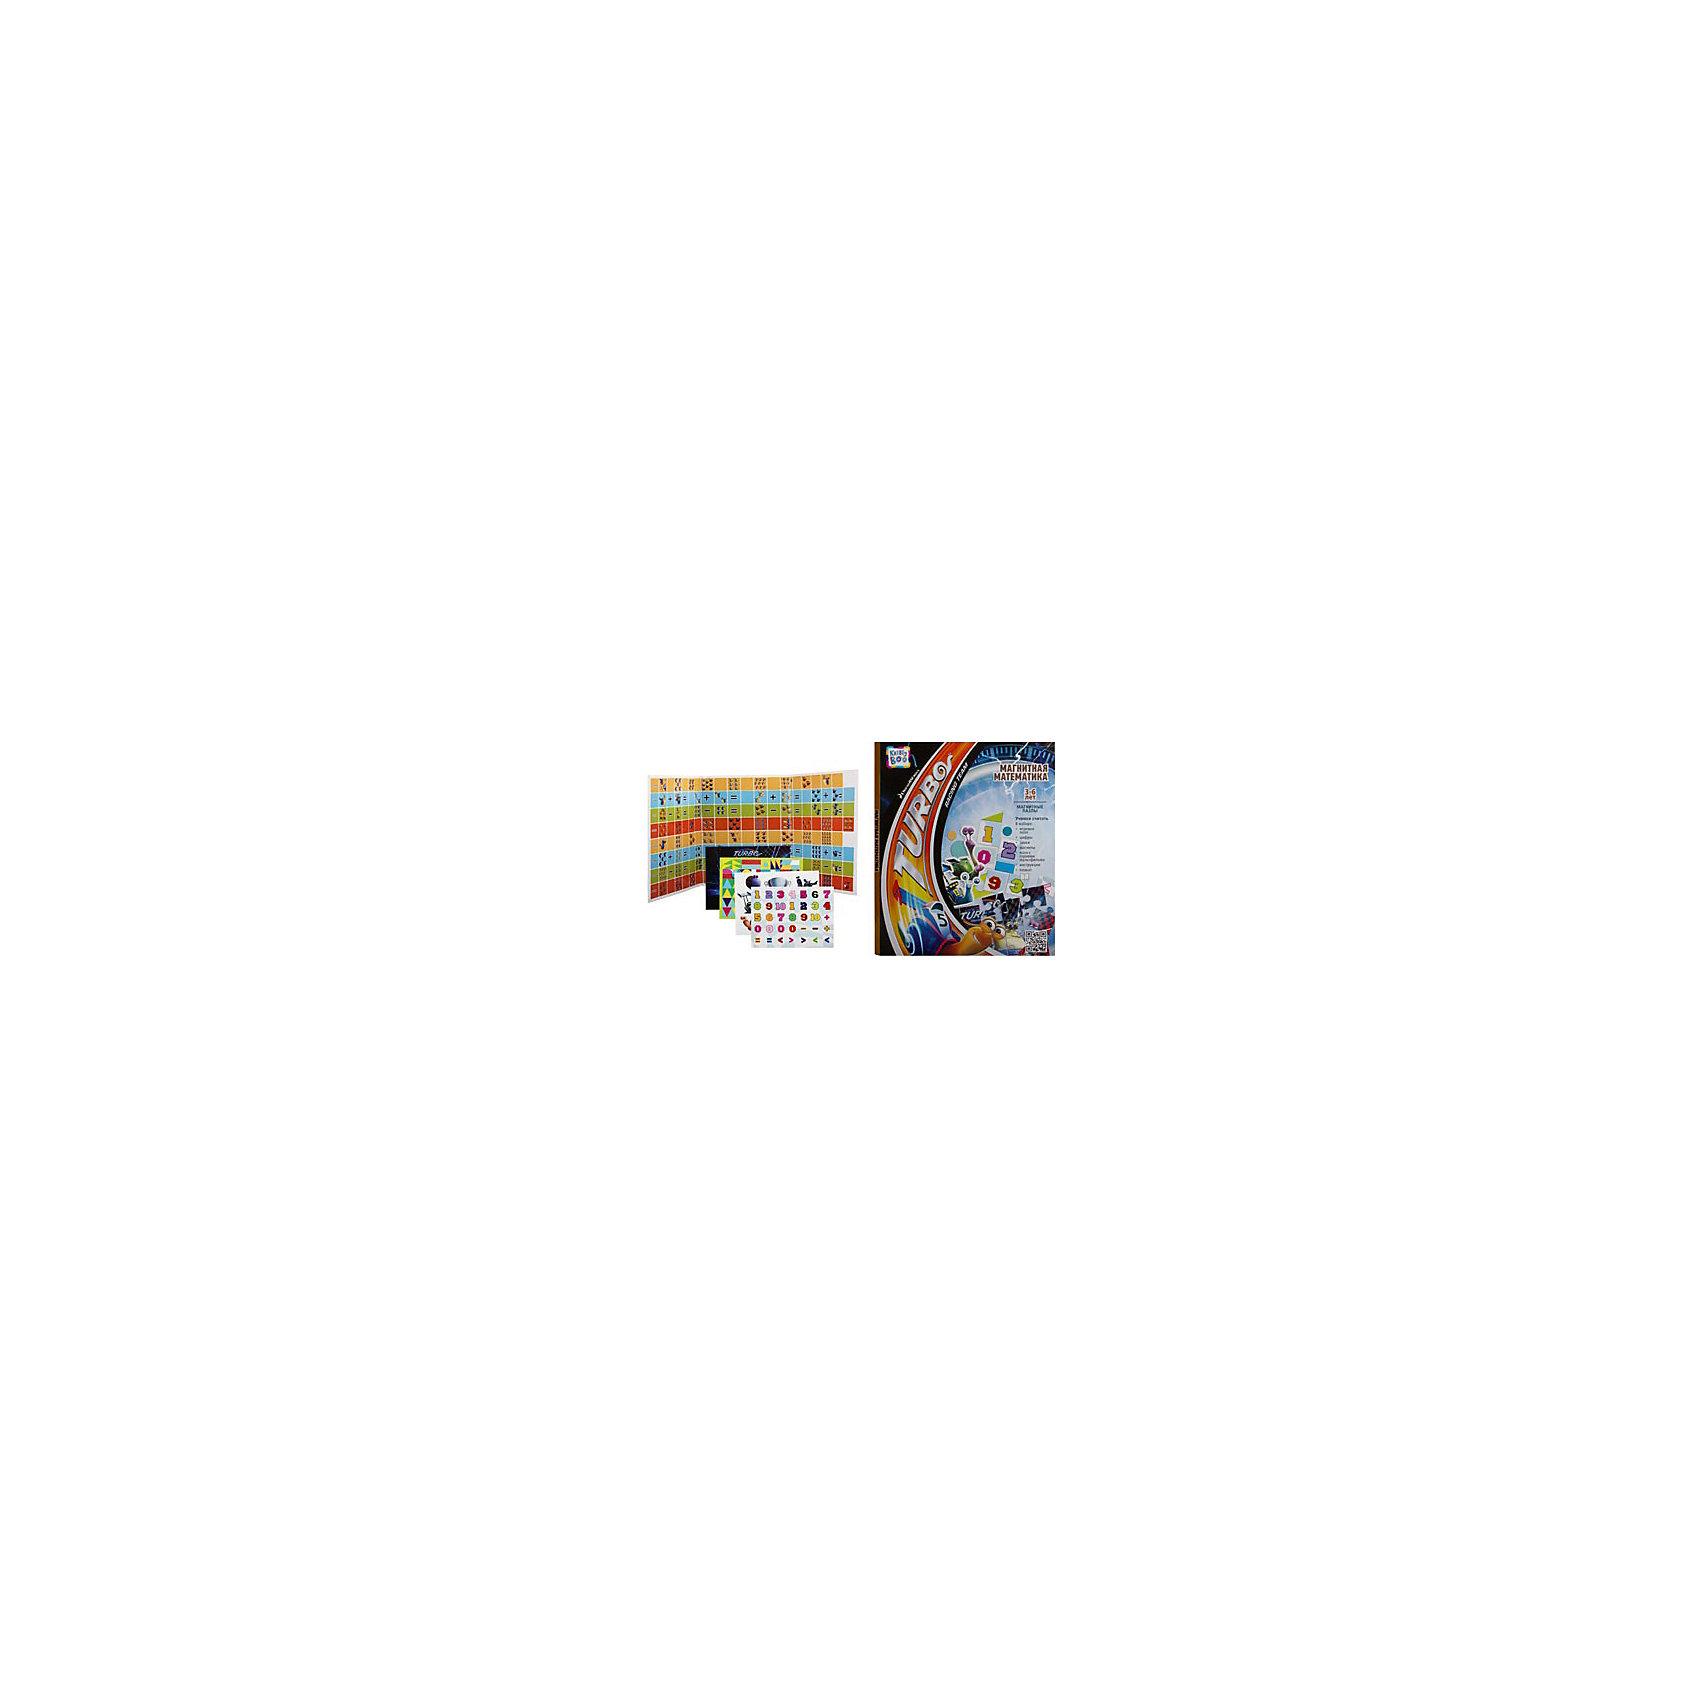 Магнитная книжка Турбо Магнитная математика 43x24 смПособия для обучения счёту<br>Характеристики товара:<br><br>• материал: полимер, металл, магнит<br>• размер: 43х34х5 см<br>• вес: 740 г<br>• комплектация: игровое поле, магнитные фишки, игровой кубик, дополнительные магнитные персонажи, инструкция, постер<br>• развивающая, настольная<br>• возраст: от трех лет<br>• страна бренда: Финляндия<br>• страна изготовитель: Китай<br><br>Эта книжка станет отличным подарком малышам! Такой набор сделает учебу легче и интереснее. С помощью этой игры ребенок не только весело проведет время, он легко освоит цифры и счет, разные цвета и формы, будет тренировать внимательность, абстрактное мышление, логику, усидчивость. Книжка будет полезна малышам от трех лет - она позволяет обучаться в игре.<br>Развивающая игрушка выпущена в удобном формате, в яркой приятной расцветке. Изделие производится из качественных и проверенных материалов, которые безопасны для детей.<br><br>Магнитную книжку Турбо Магнитная математика от бренда KriBly Boo можно купить в нашем интернет-магазине.<br><br>Ширина мм: 430<br>Глубина мм: 340<br>Высота мм: 5<br>Вес г: 925<br>Возраст от месяцев: 36<br>Возраст до месяцев: 84<br>Пол: Унисекс<br>Возраст: Детский<br>SKU: 5167819